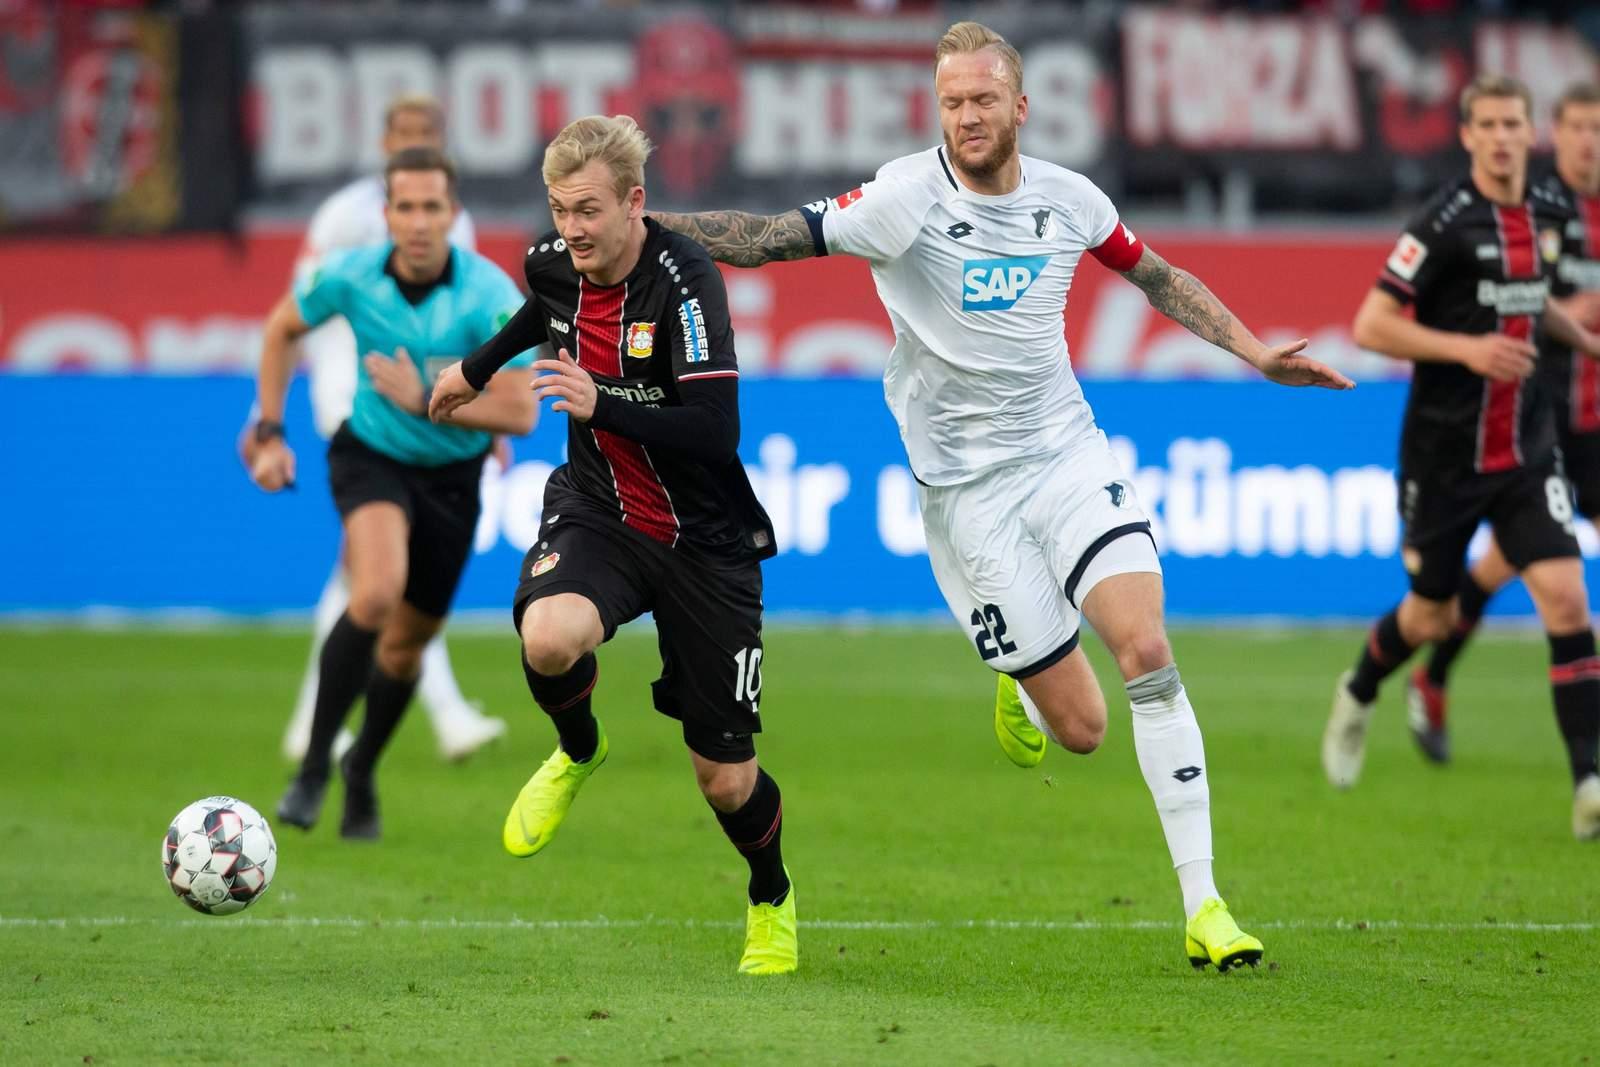 Setzt sich Brandt gegen Vogt durch? Jetzt auf Hoffenheim gegen Leverkusen wetten